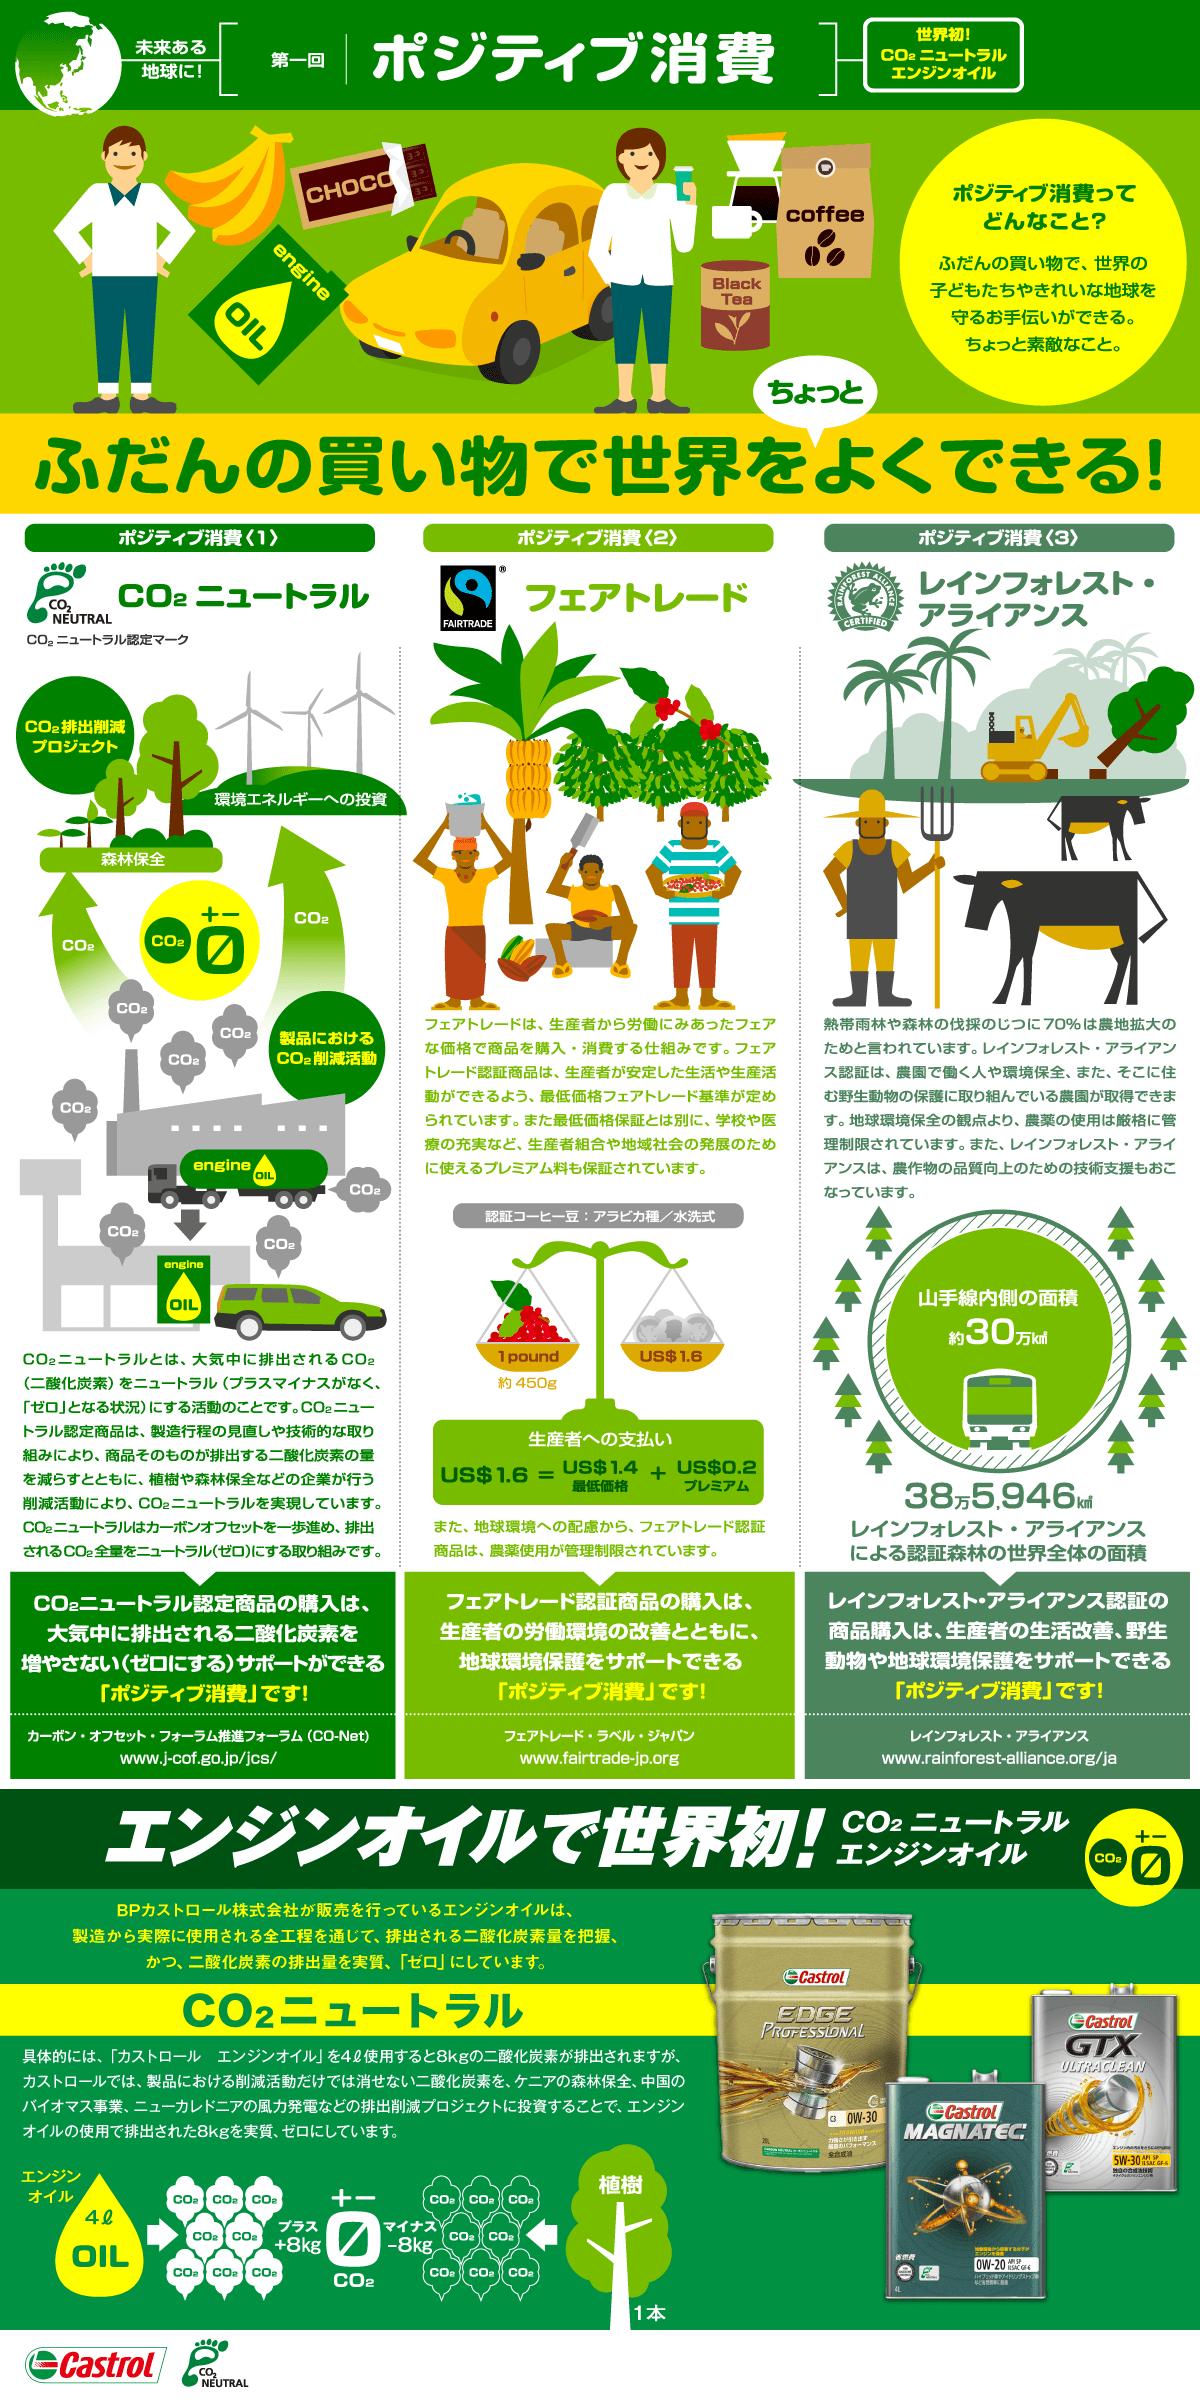 第一回「ポジティブ消費」   カストロール CO₂ニュートラル